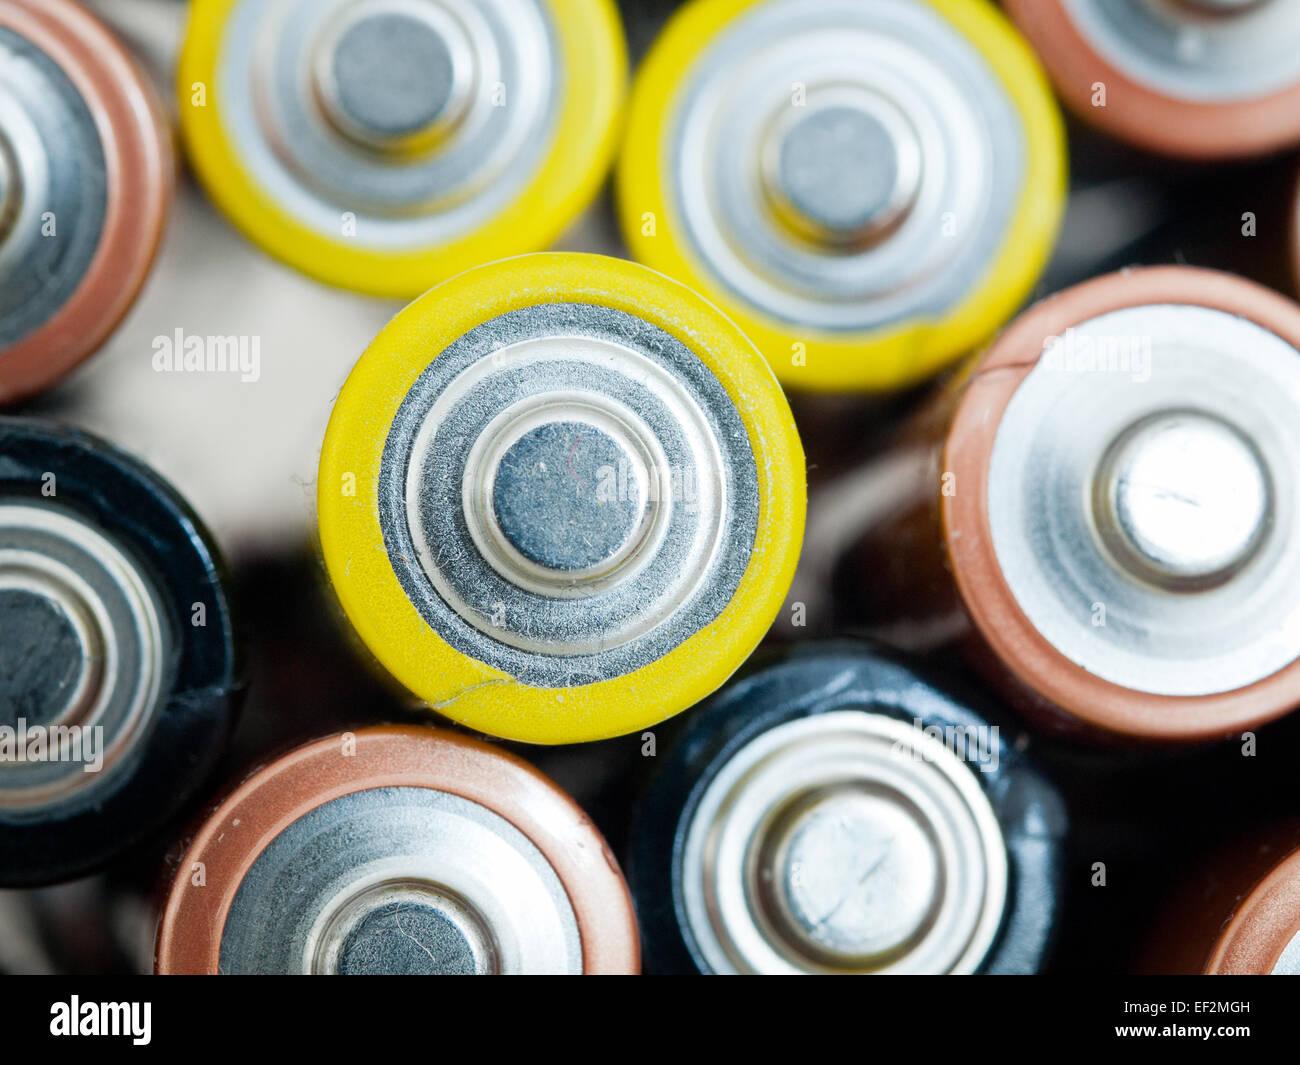 Un close-up de AA (doble A) baterías para reciclado. Imagen De Stock